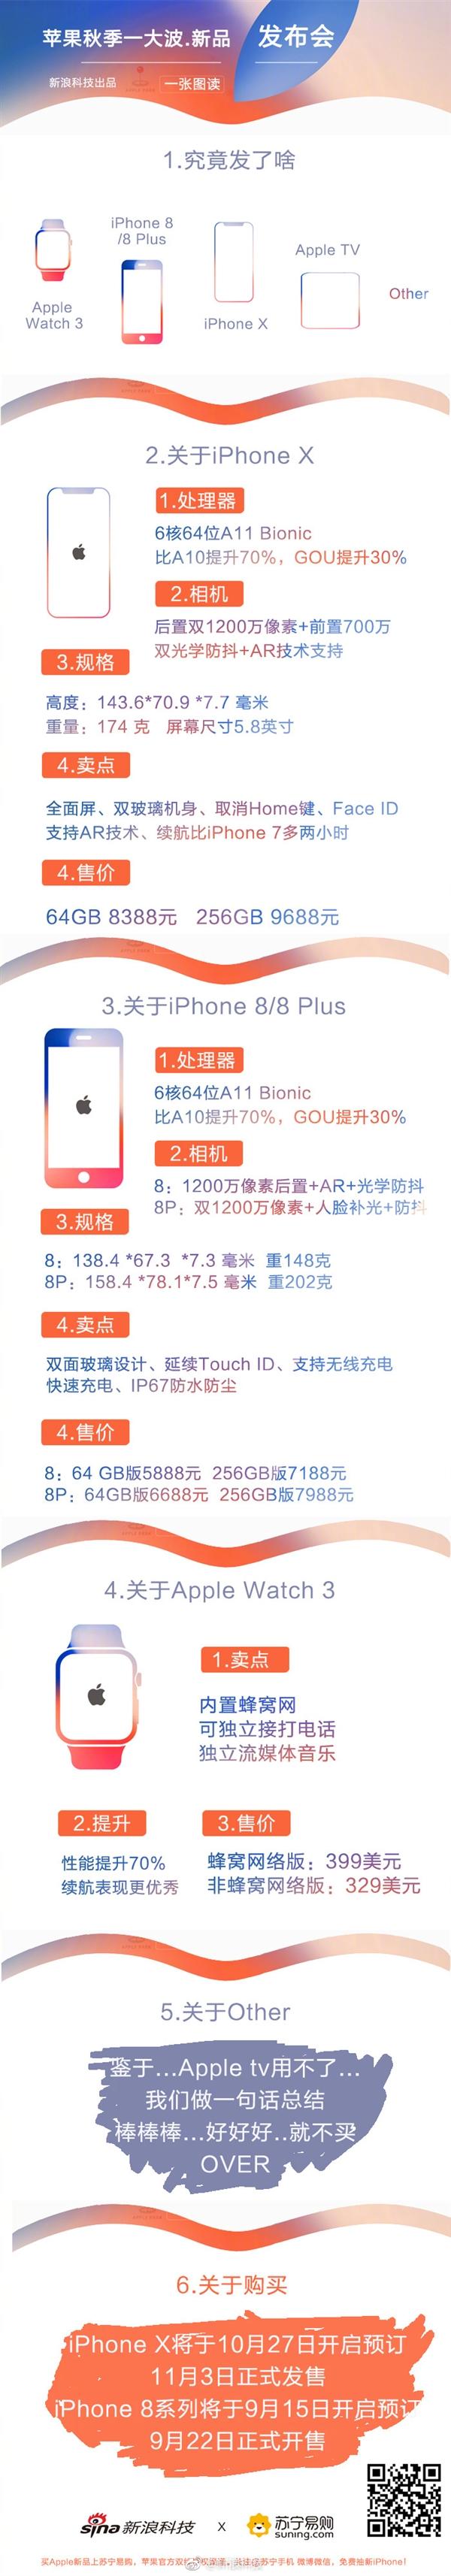 无争议的机皇:一张图看懂iPhone 8/X